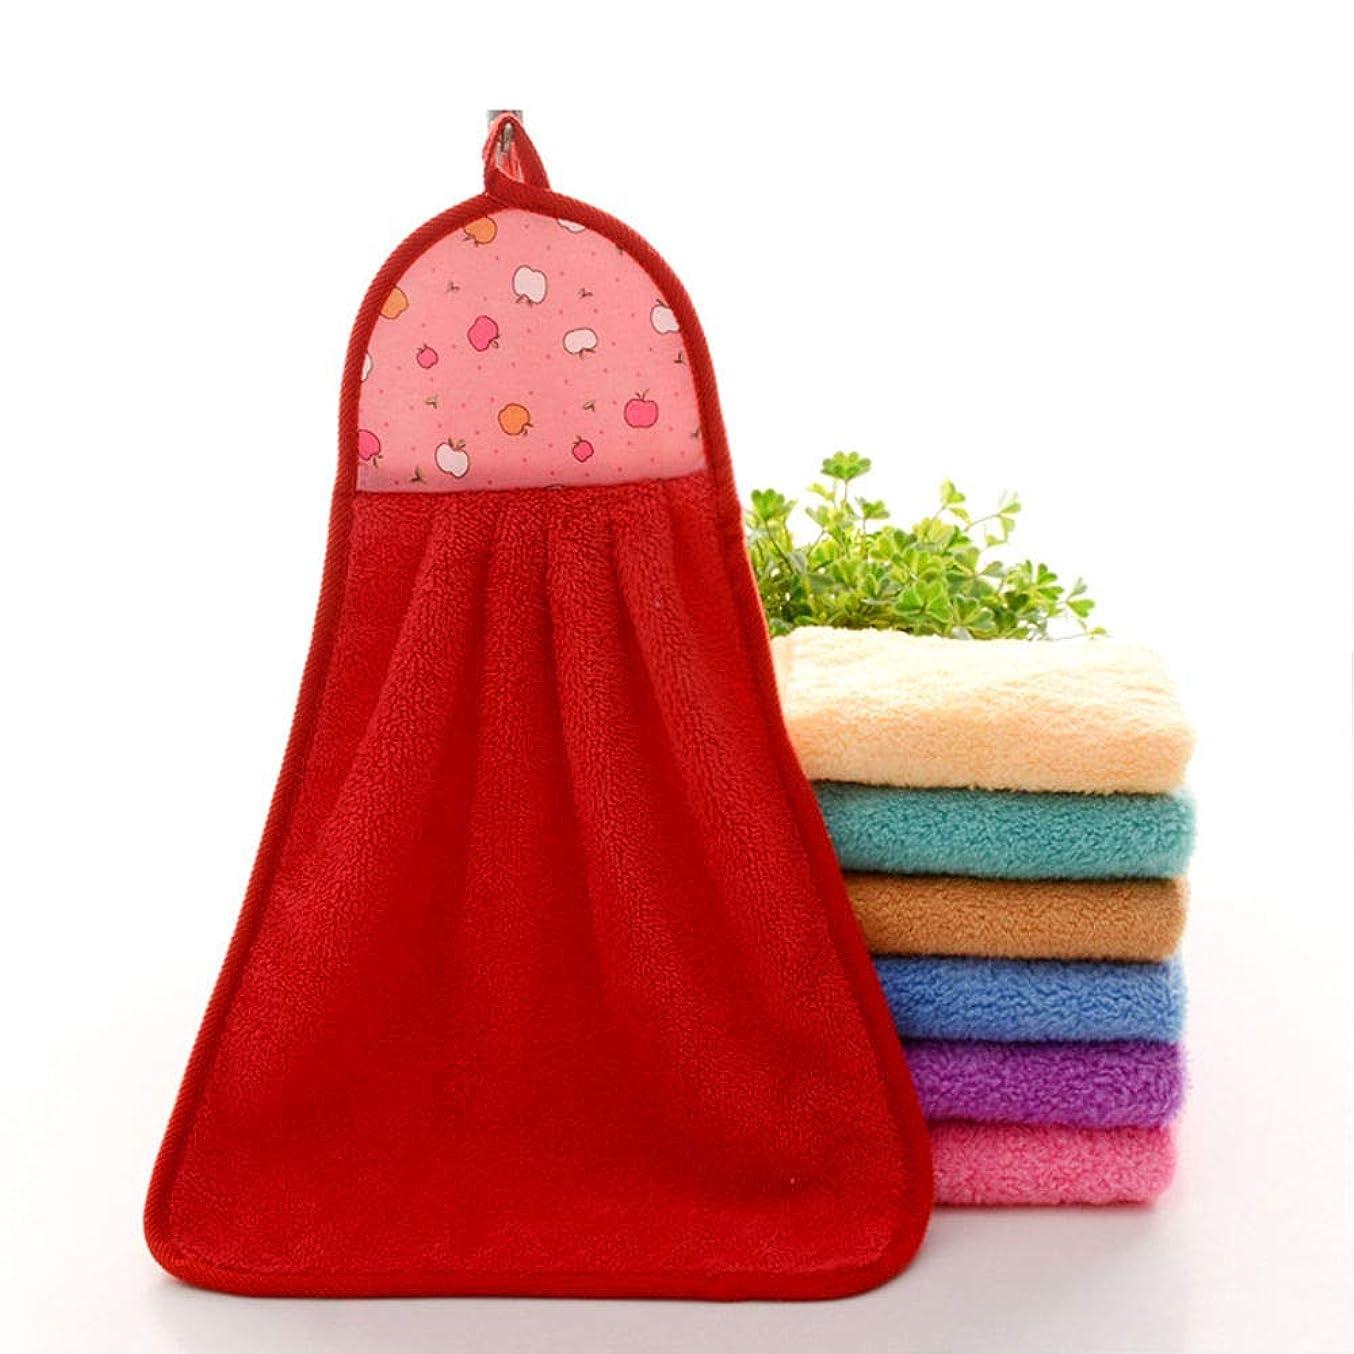 飢クリップ蝶コイルMaxcrestas - ホテルトラベルアクセサリー用の布乾燥パッドフェイスタオルをぶら下げ太いマイクロファイバーキッチン浴室ハンドタオルソフト吸収